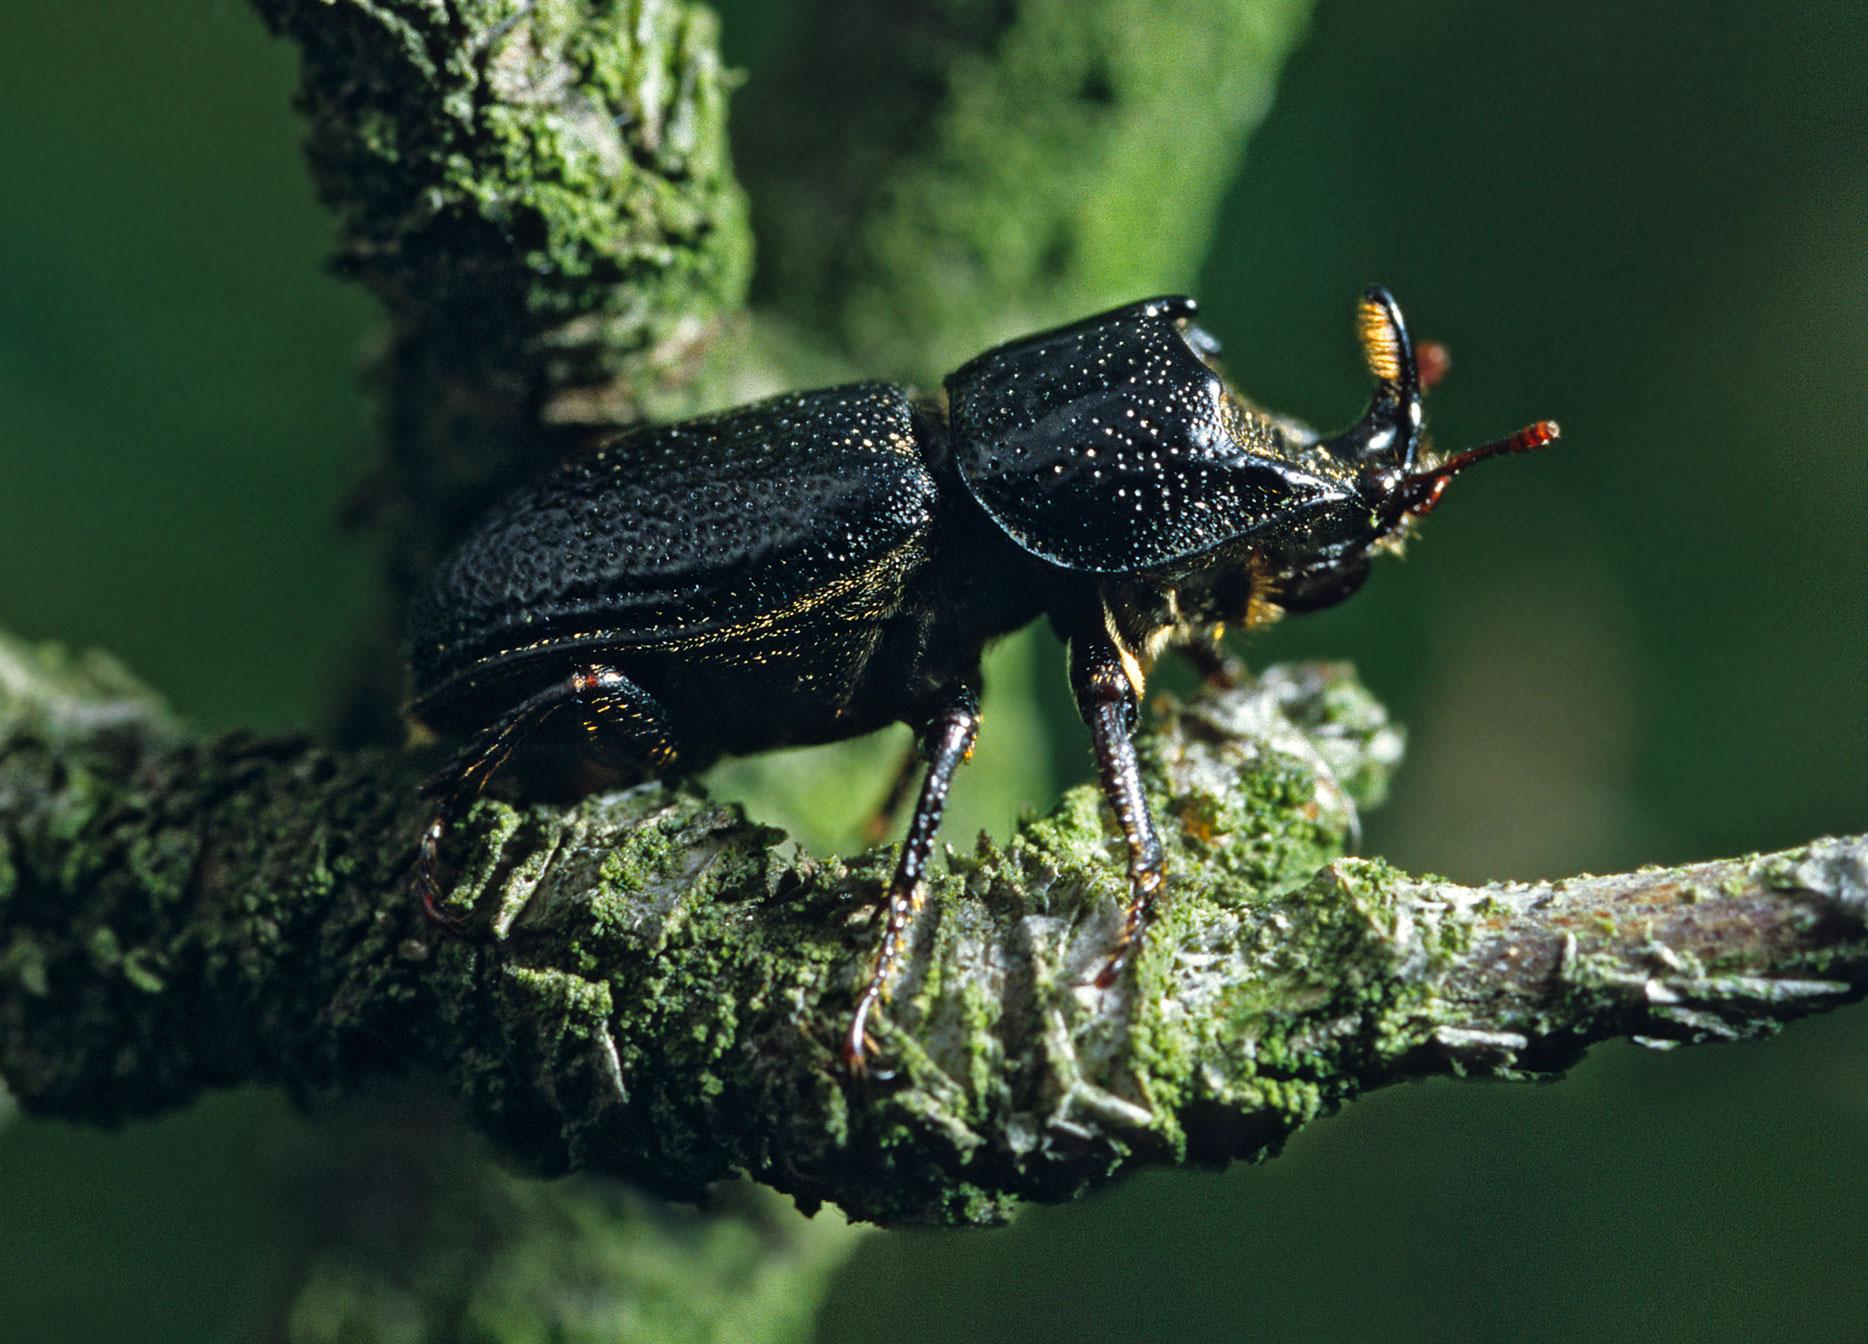 Image: Sinodendron cylindricum or Horned stag beetle (© Torsten Pröhl)